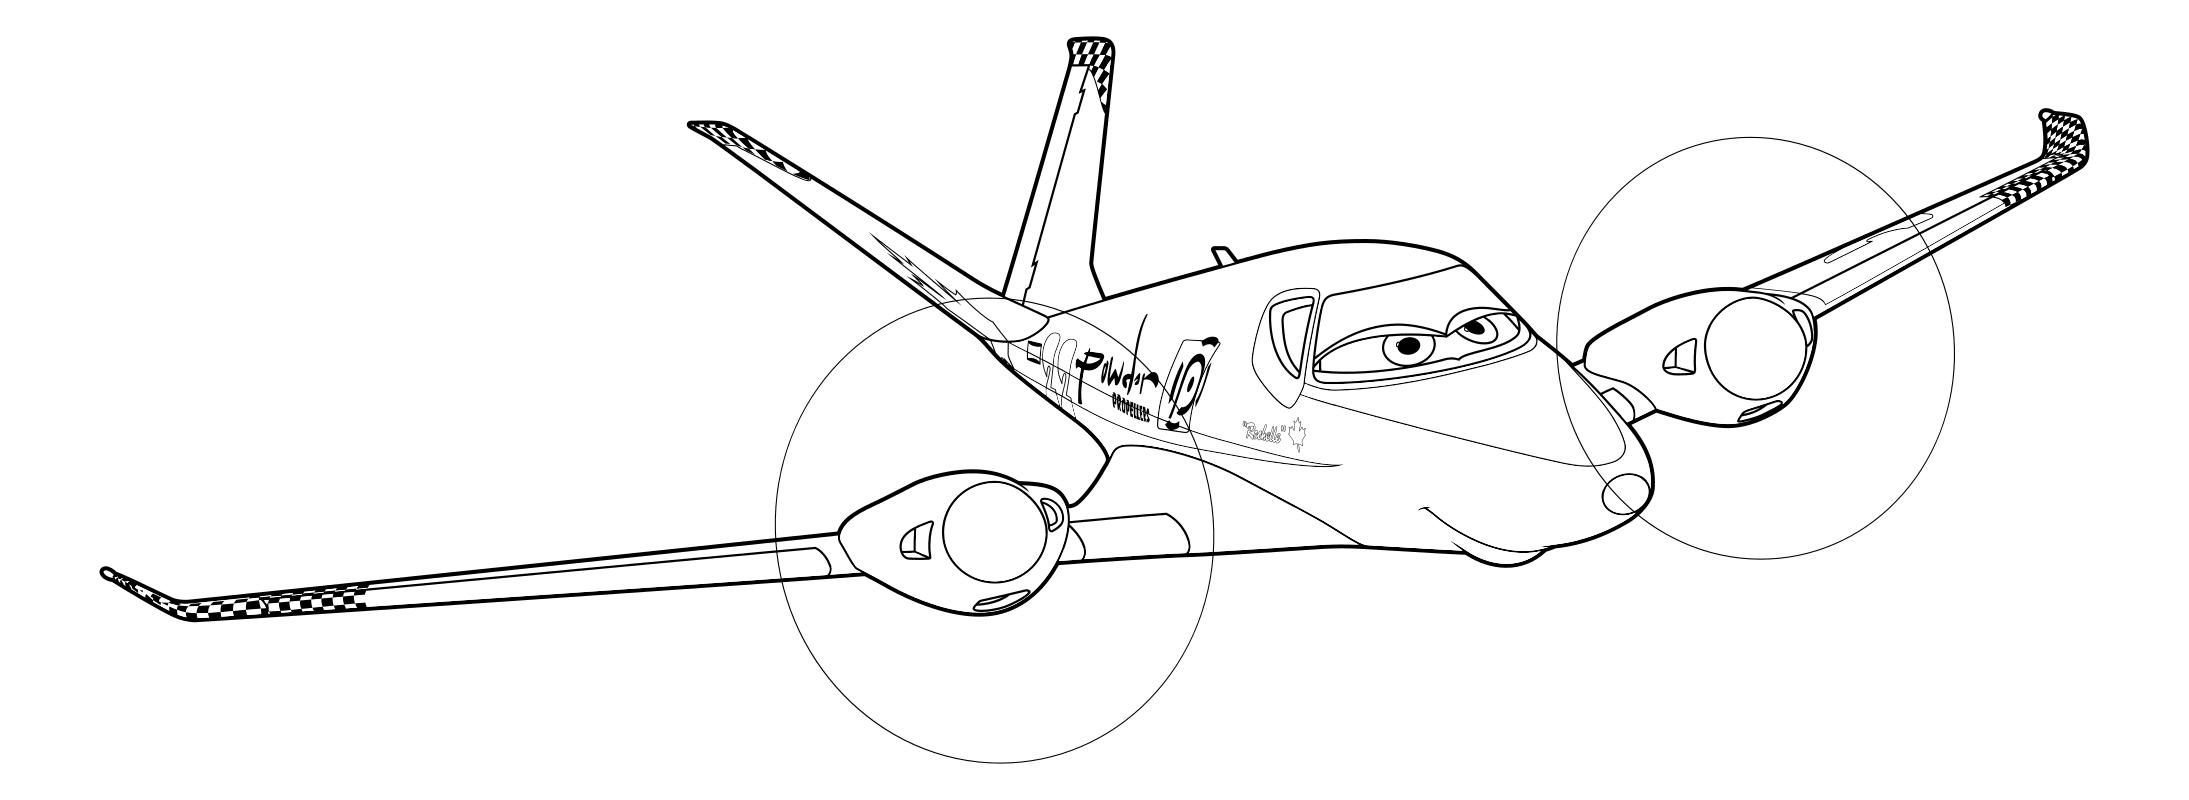 Раскраска самолетов 138